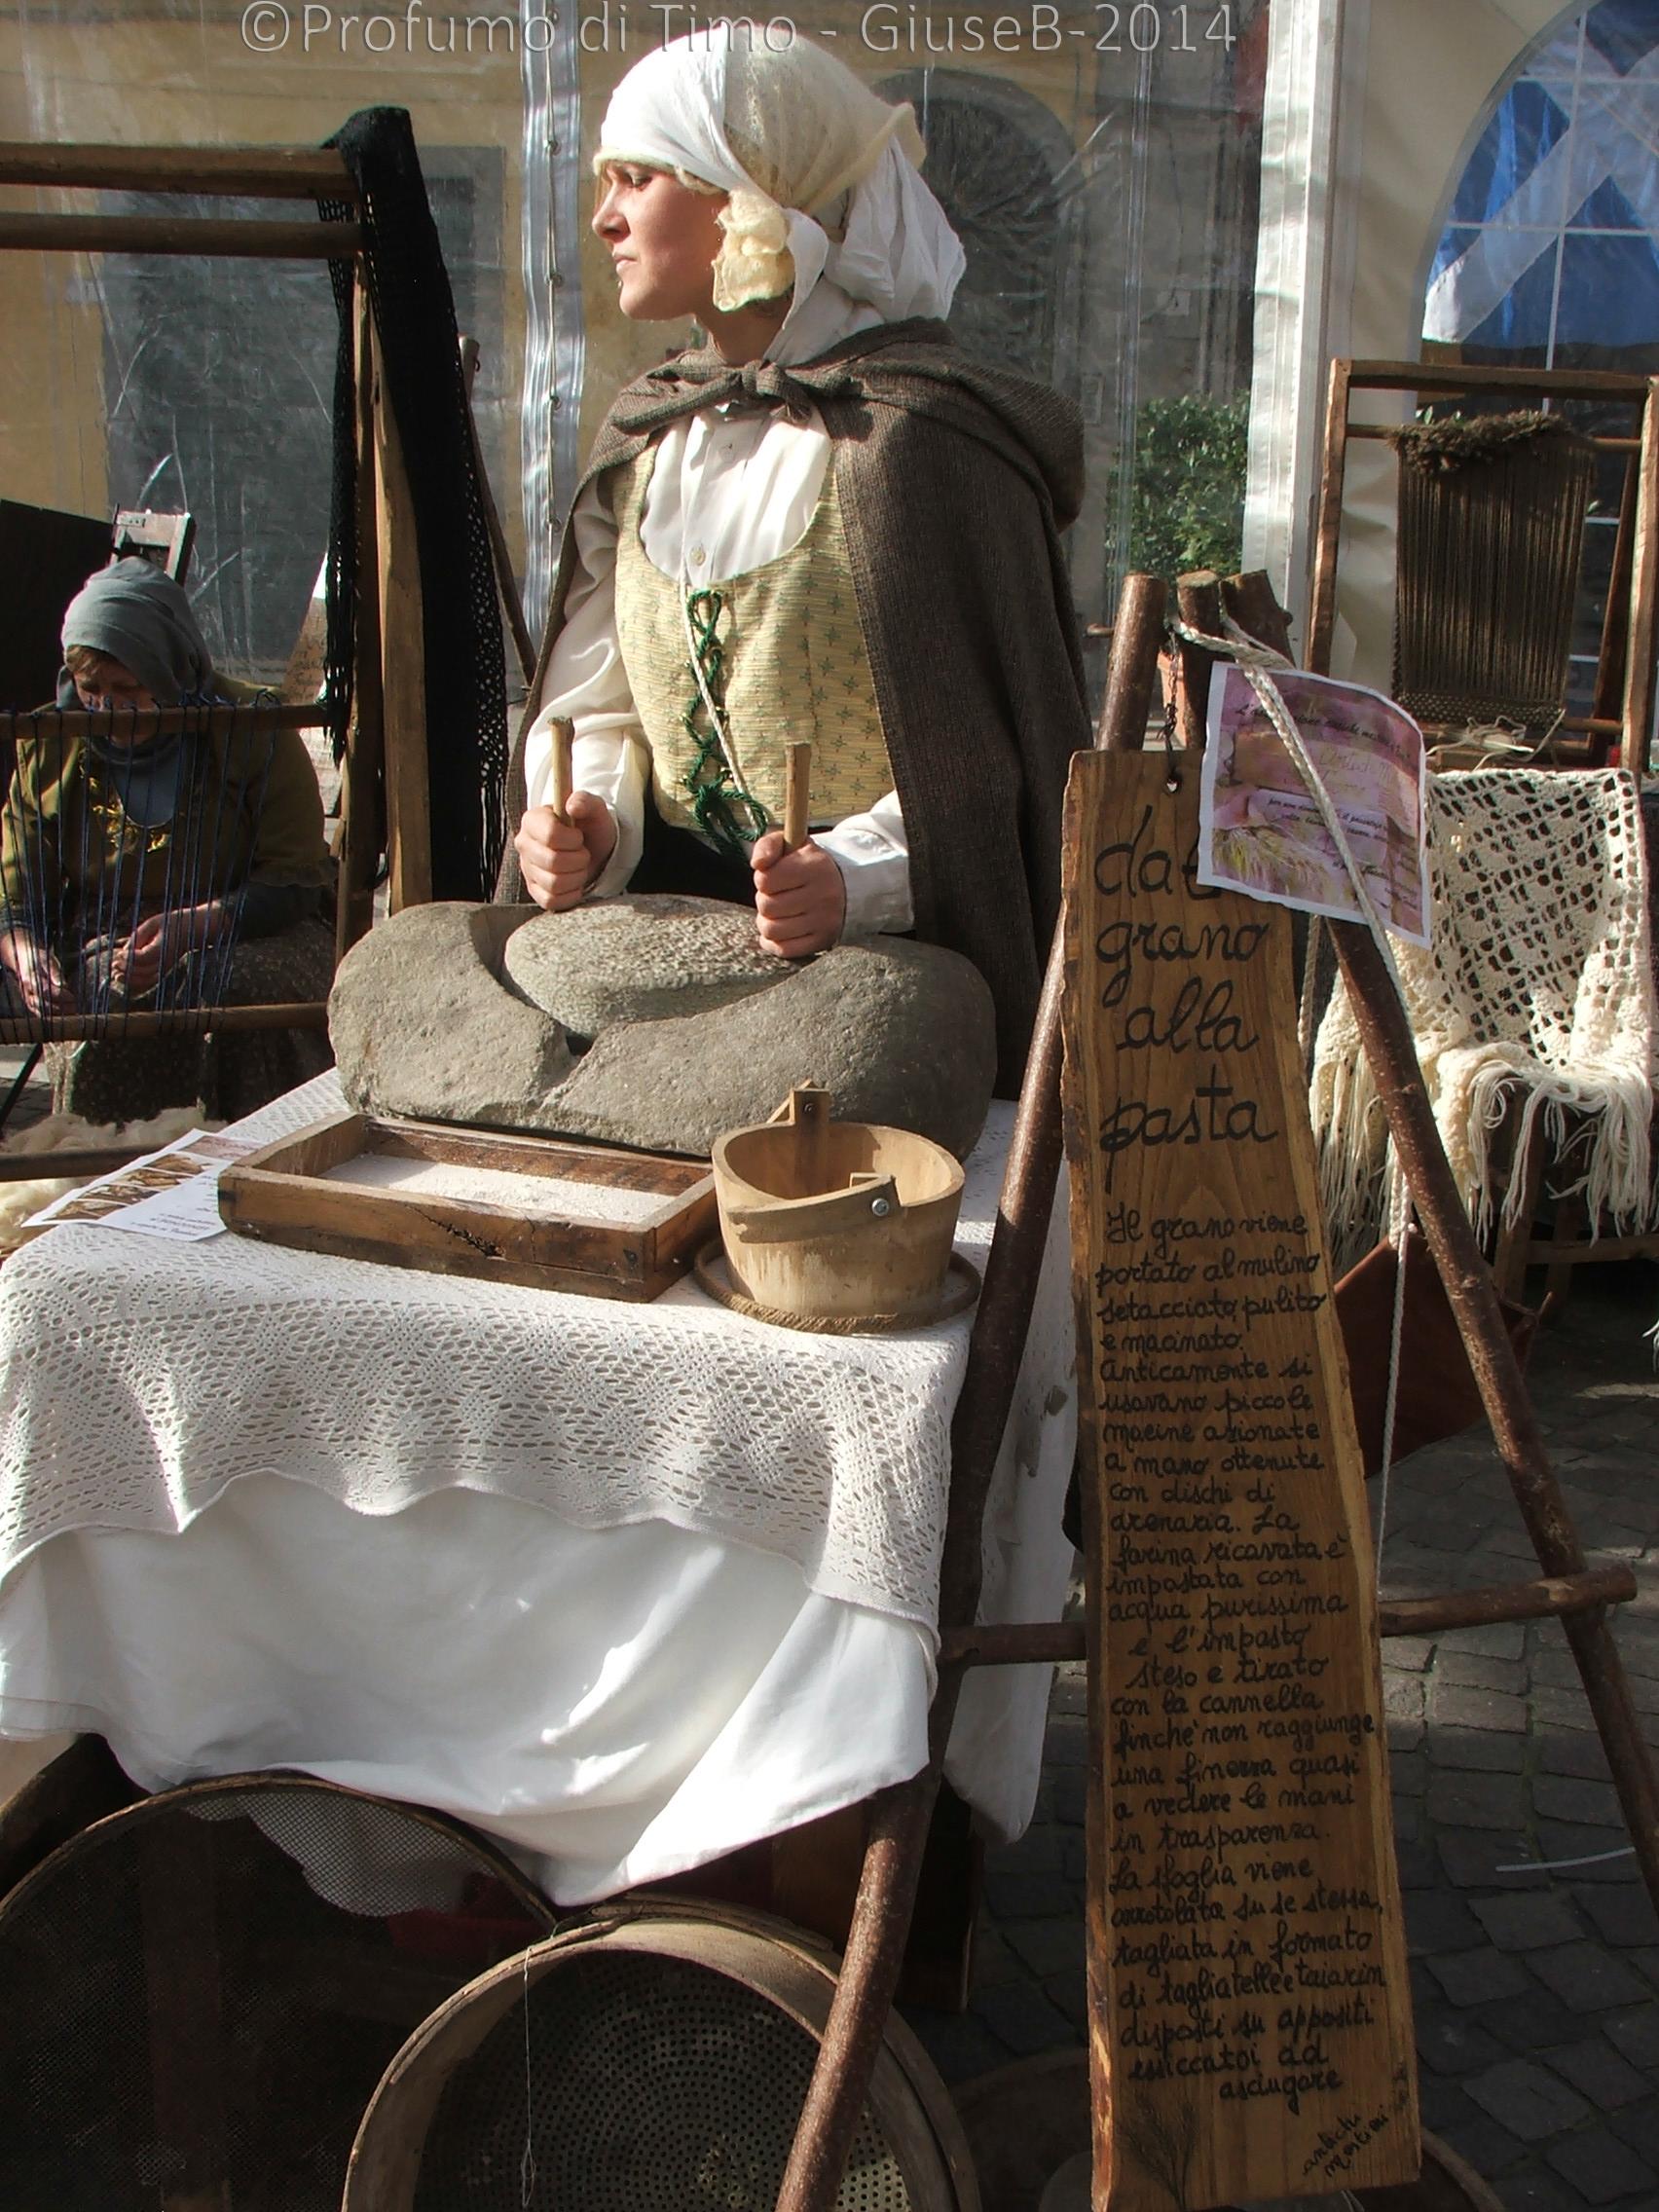 antichi mestieri (10)